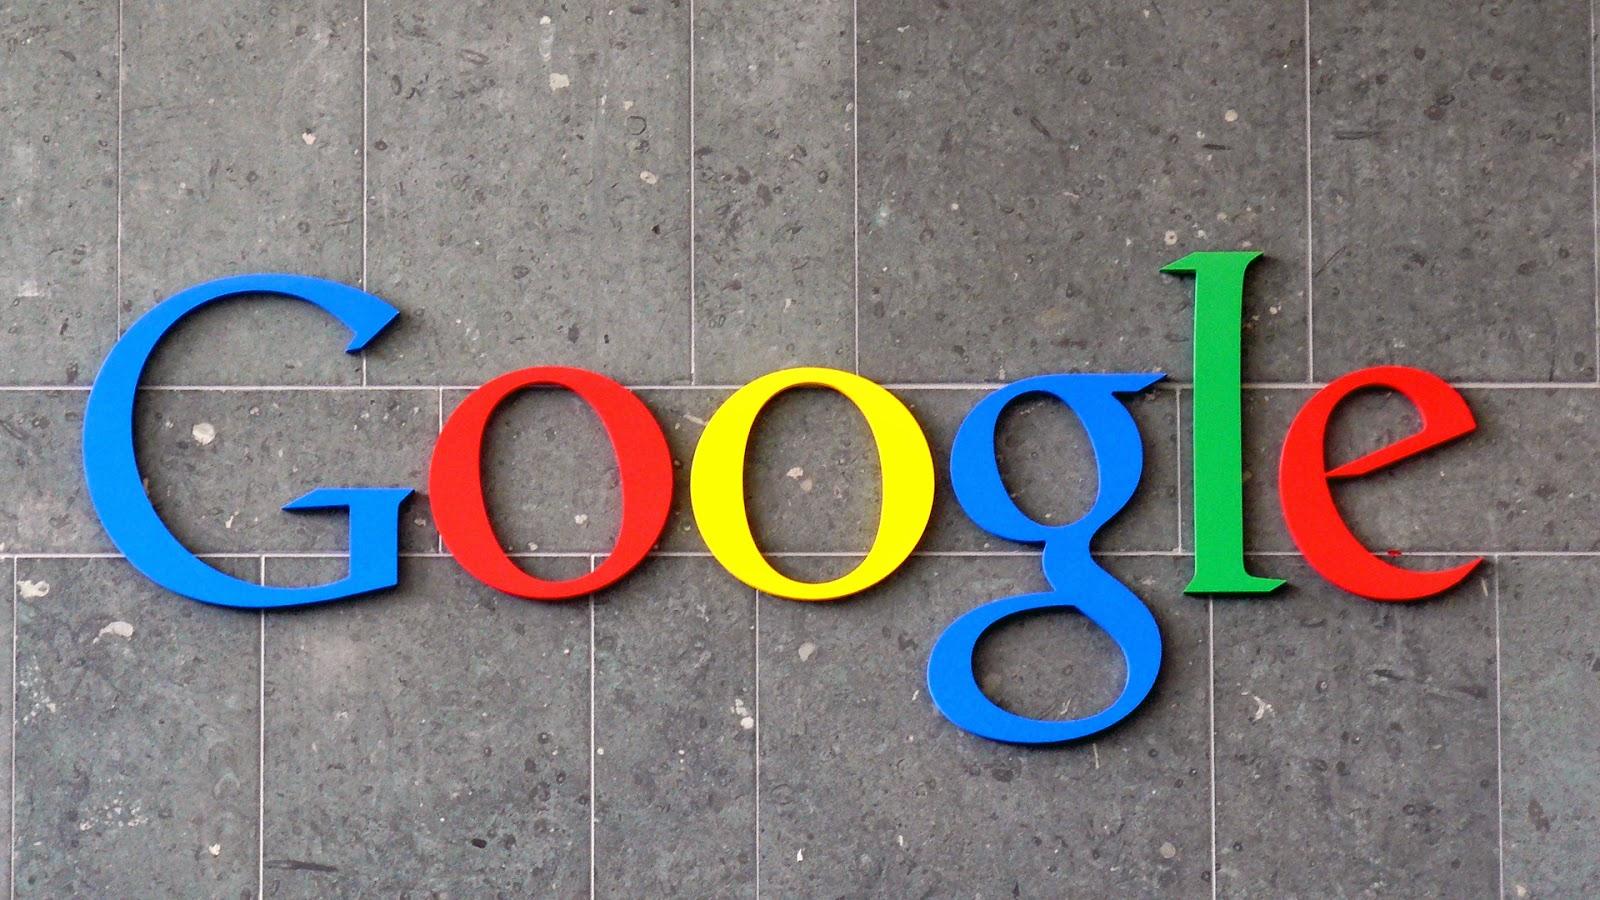 جوجل تعلن الحرب على المحتويات الإباحية